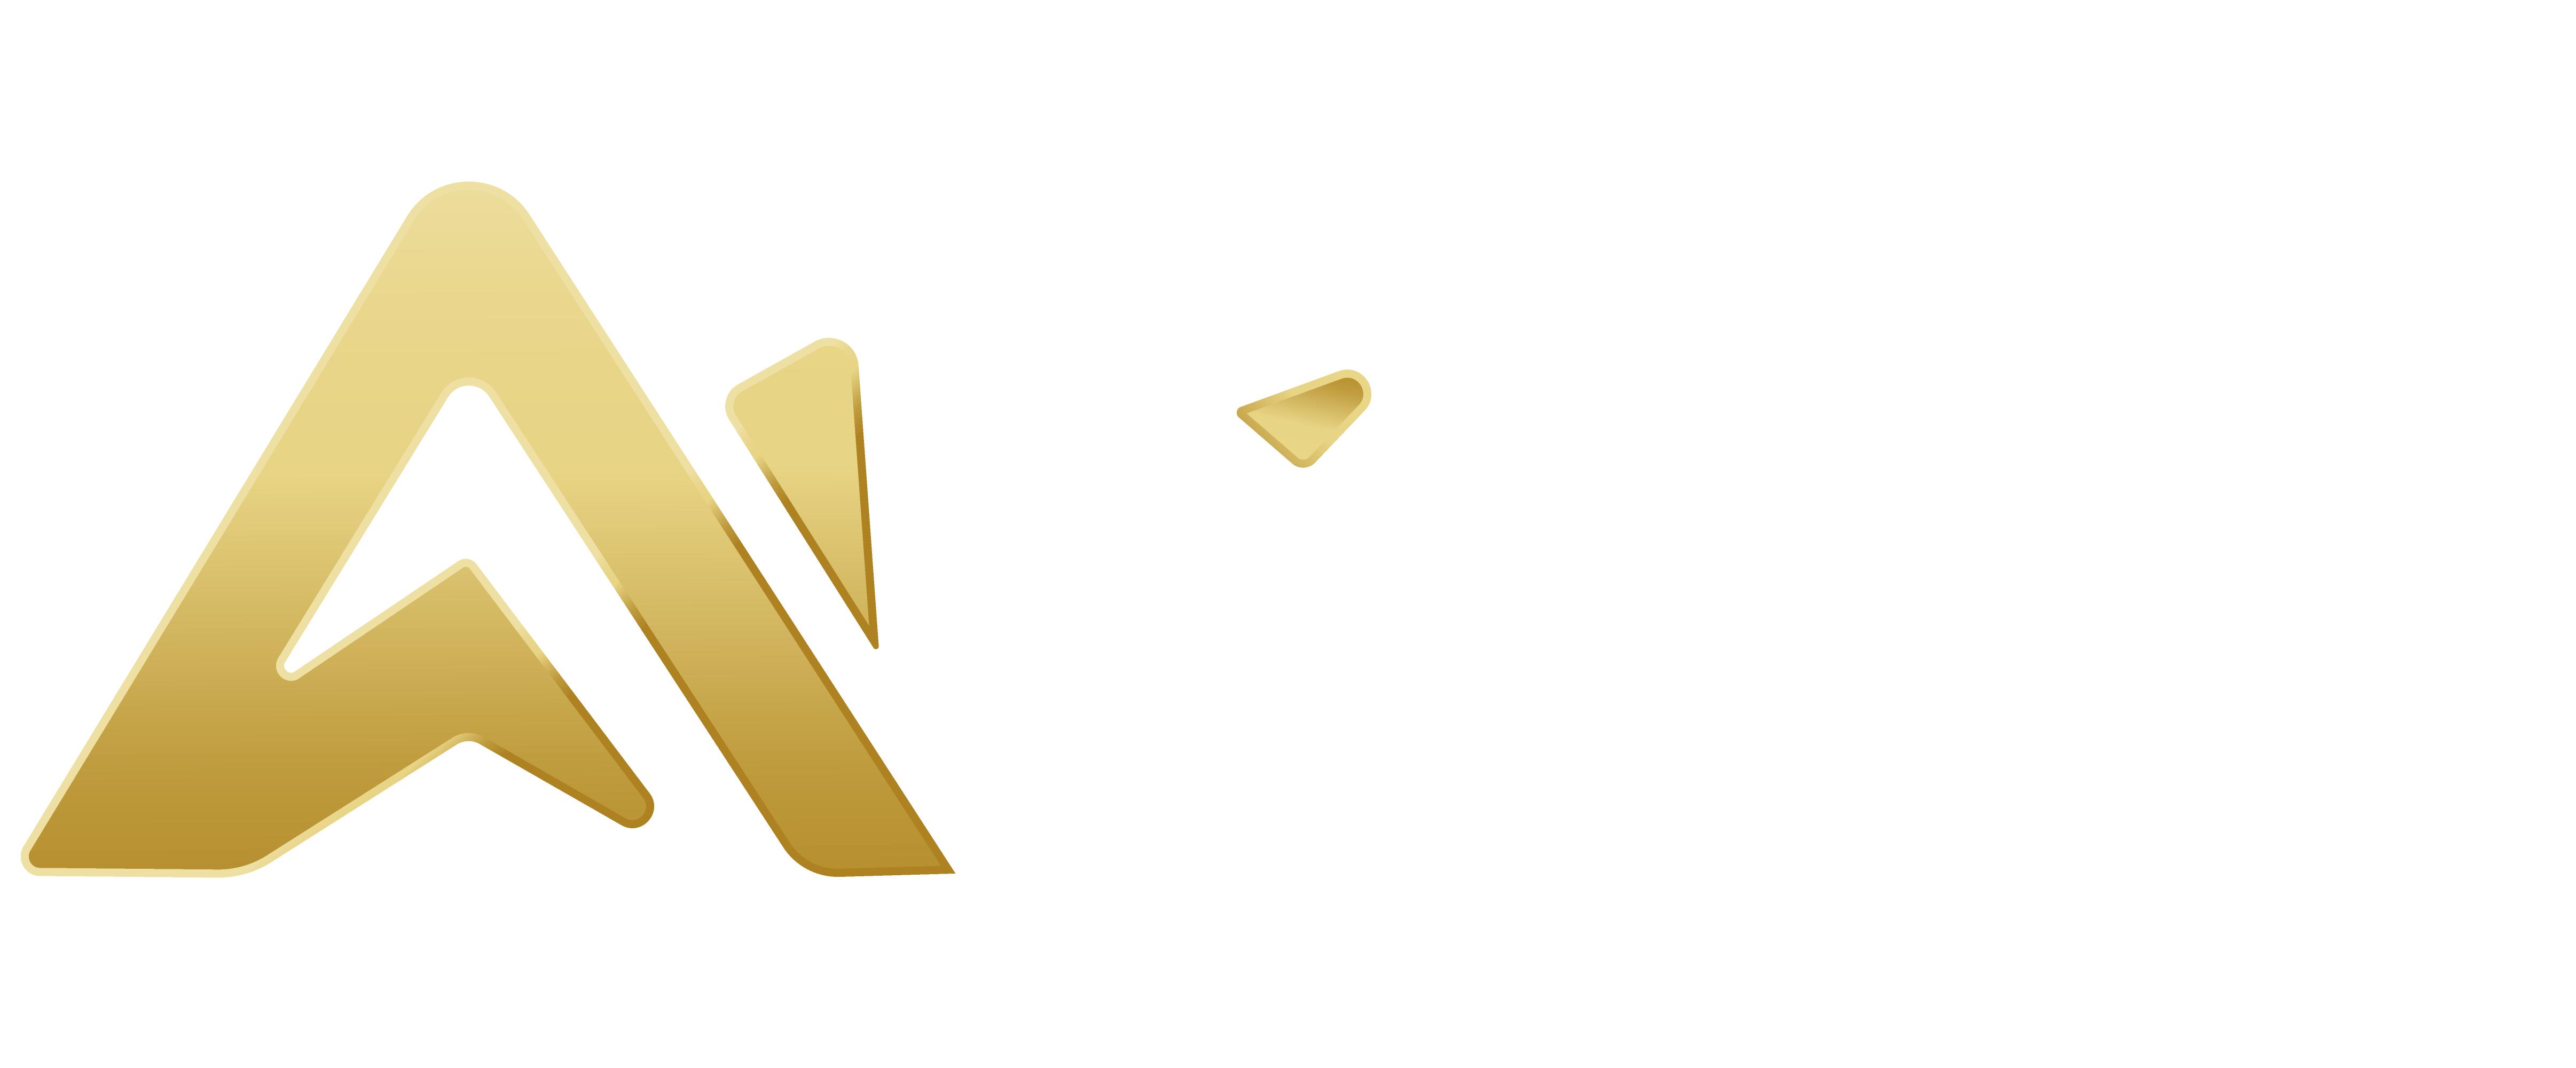 Ápice Mídia - Gráfica, Comunicação Visual, Confecções e Brindes - Palmas-TO